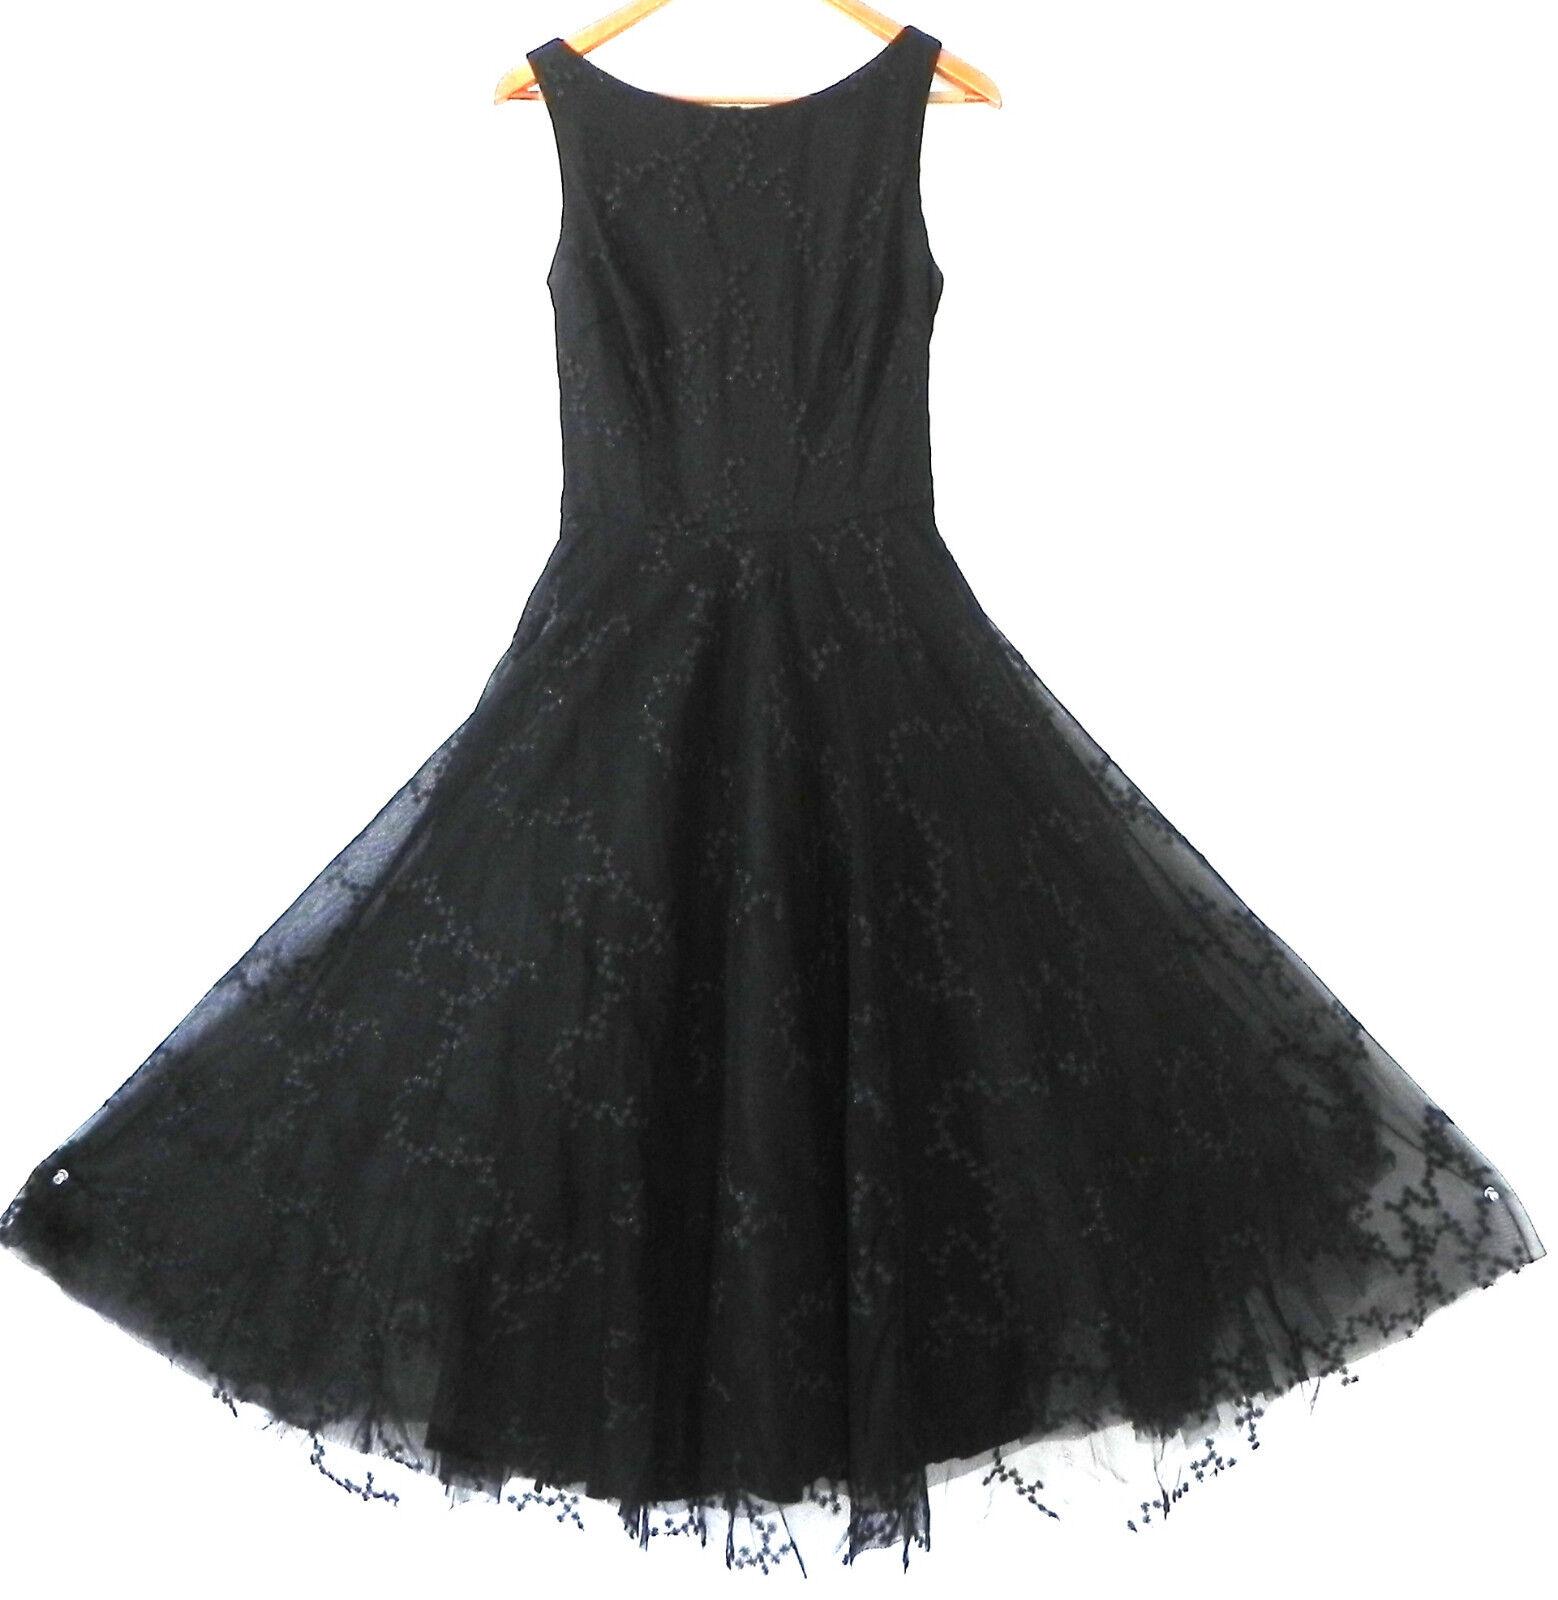 ABS Evening by Allen Schwartz schwarz Dress Lace Sleeveless Petticoat Größe 6